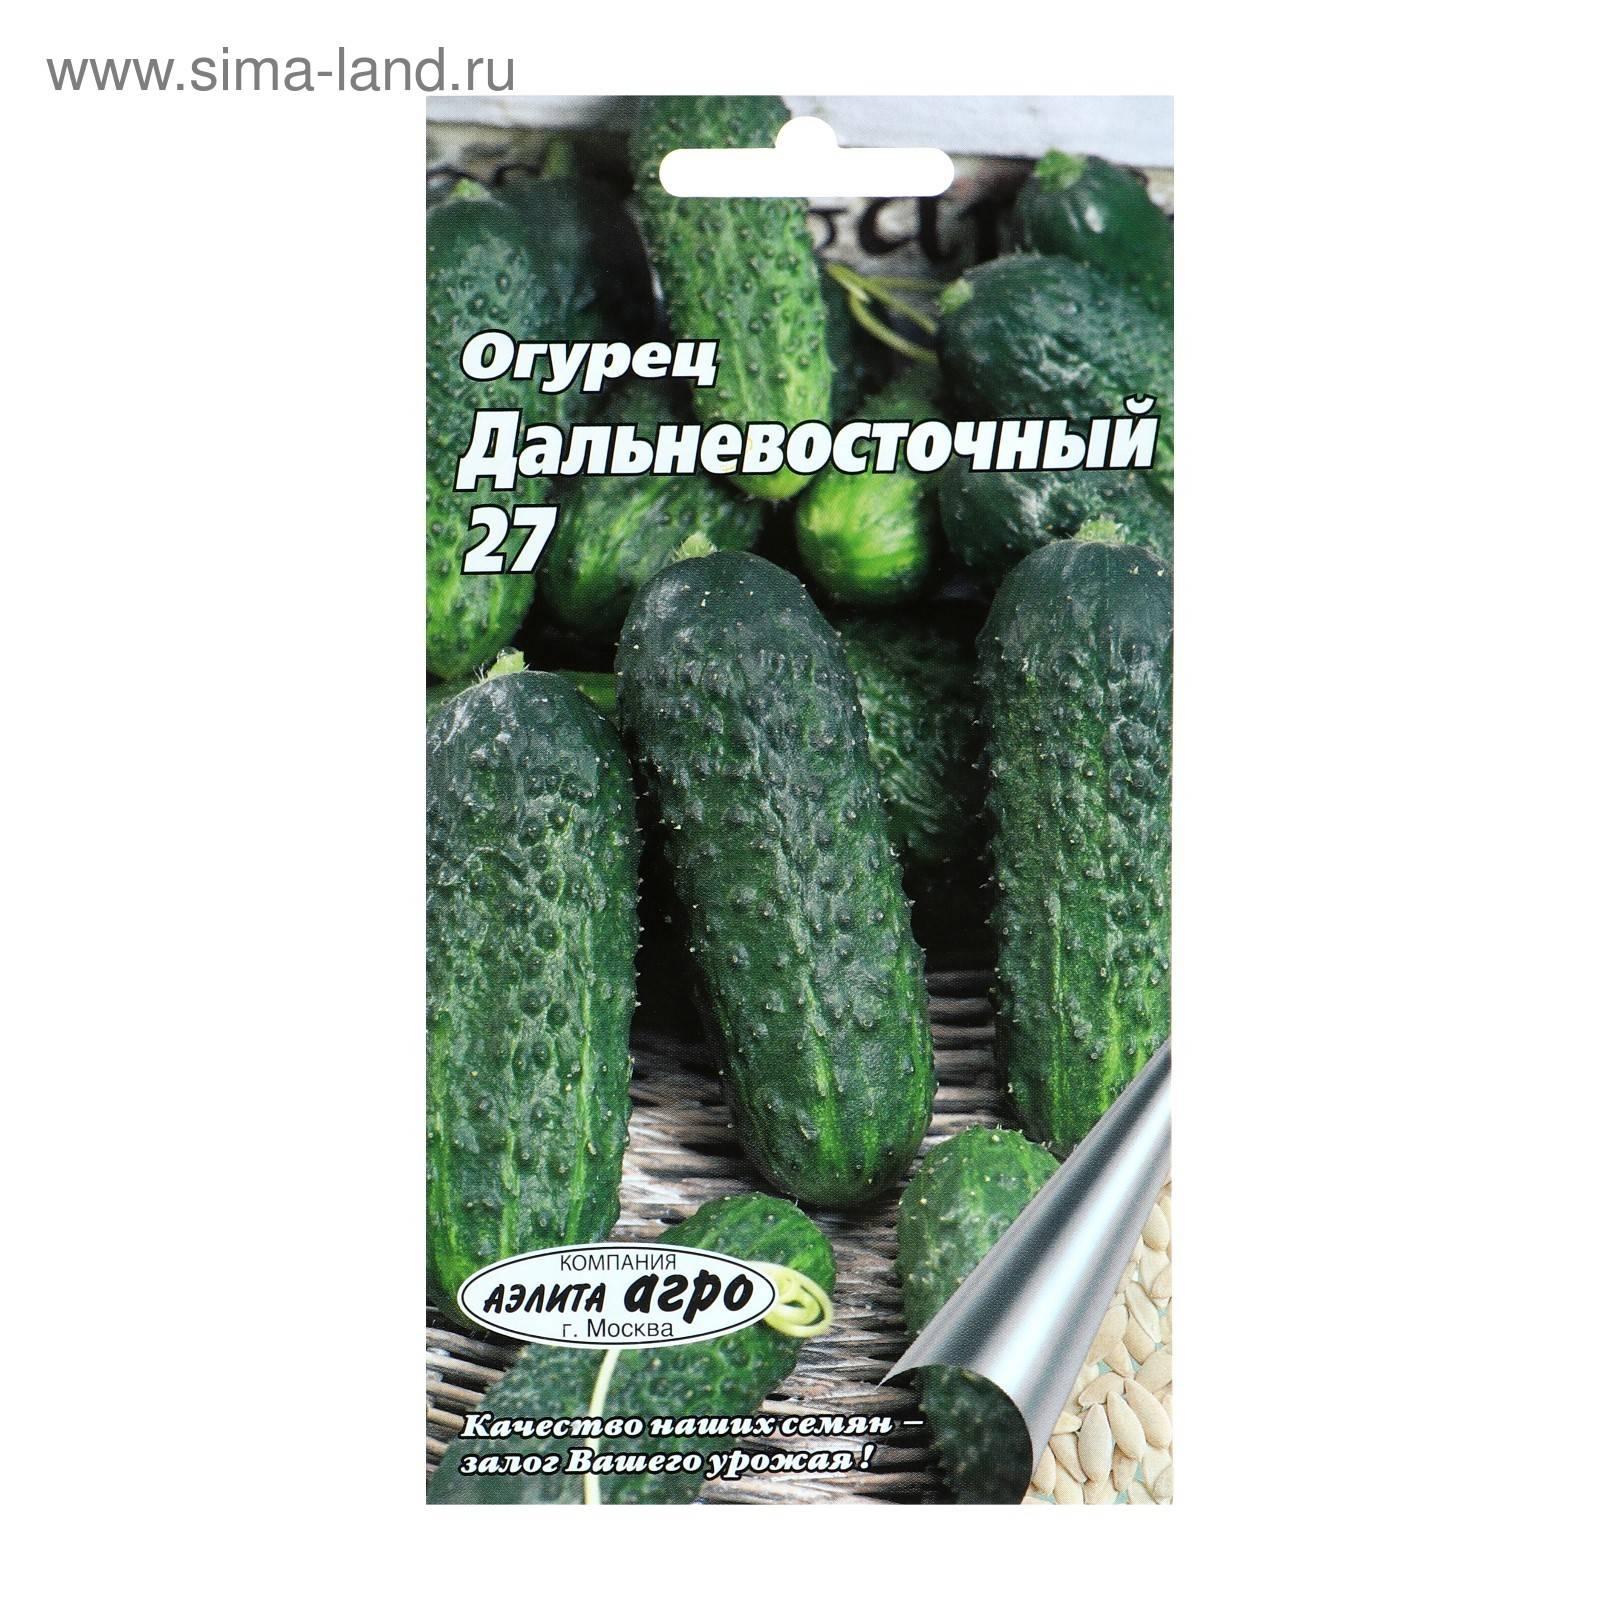 Характеристика и описание огурца сорта дальневосточный 27, выращивание